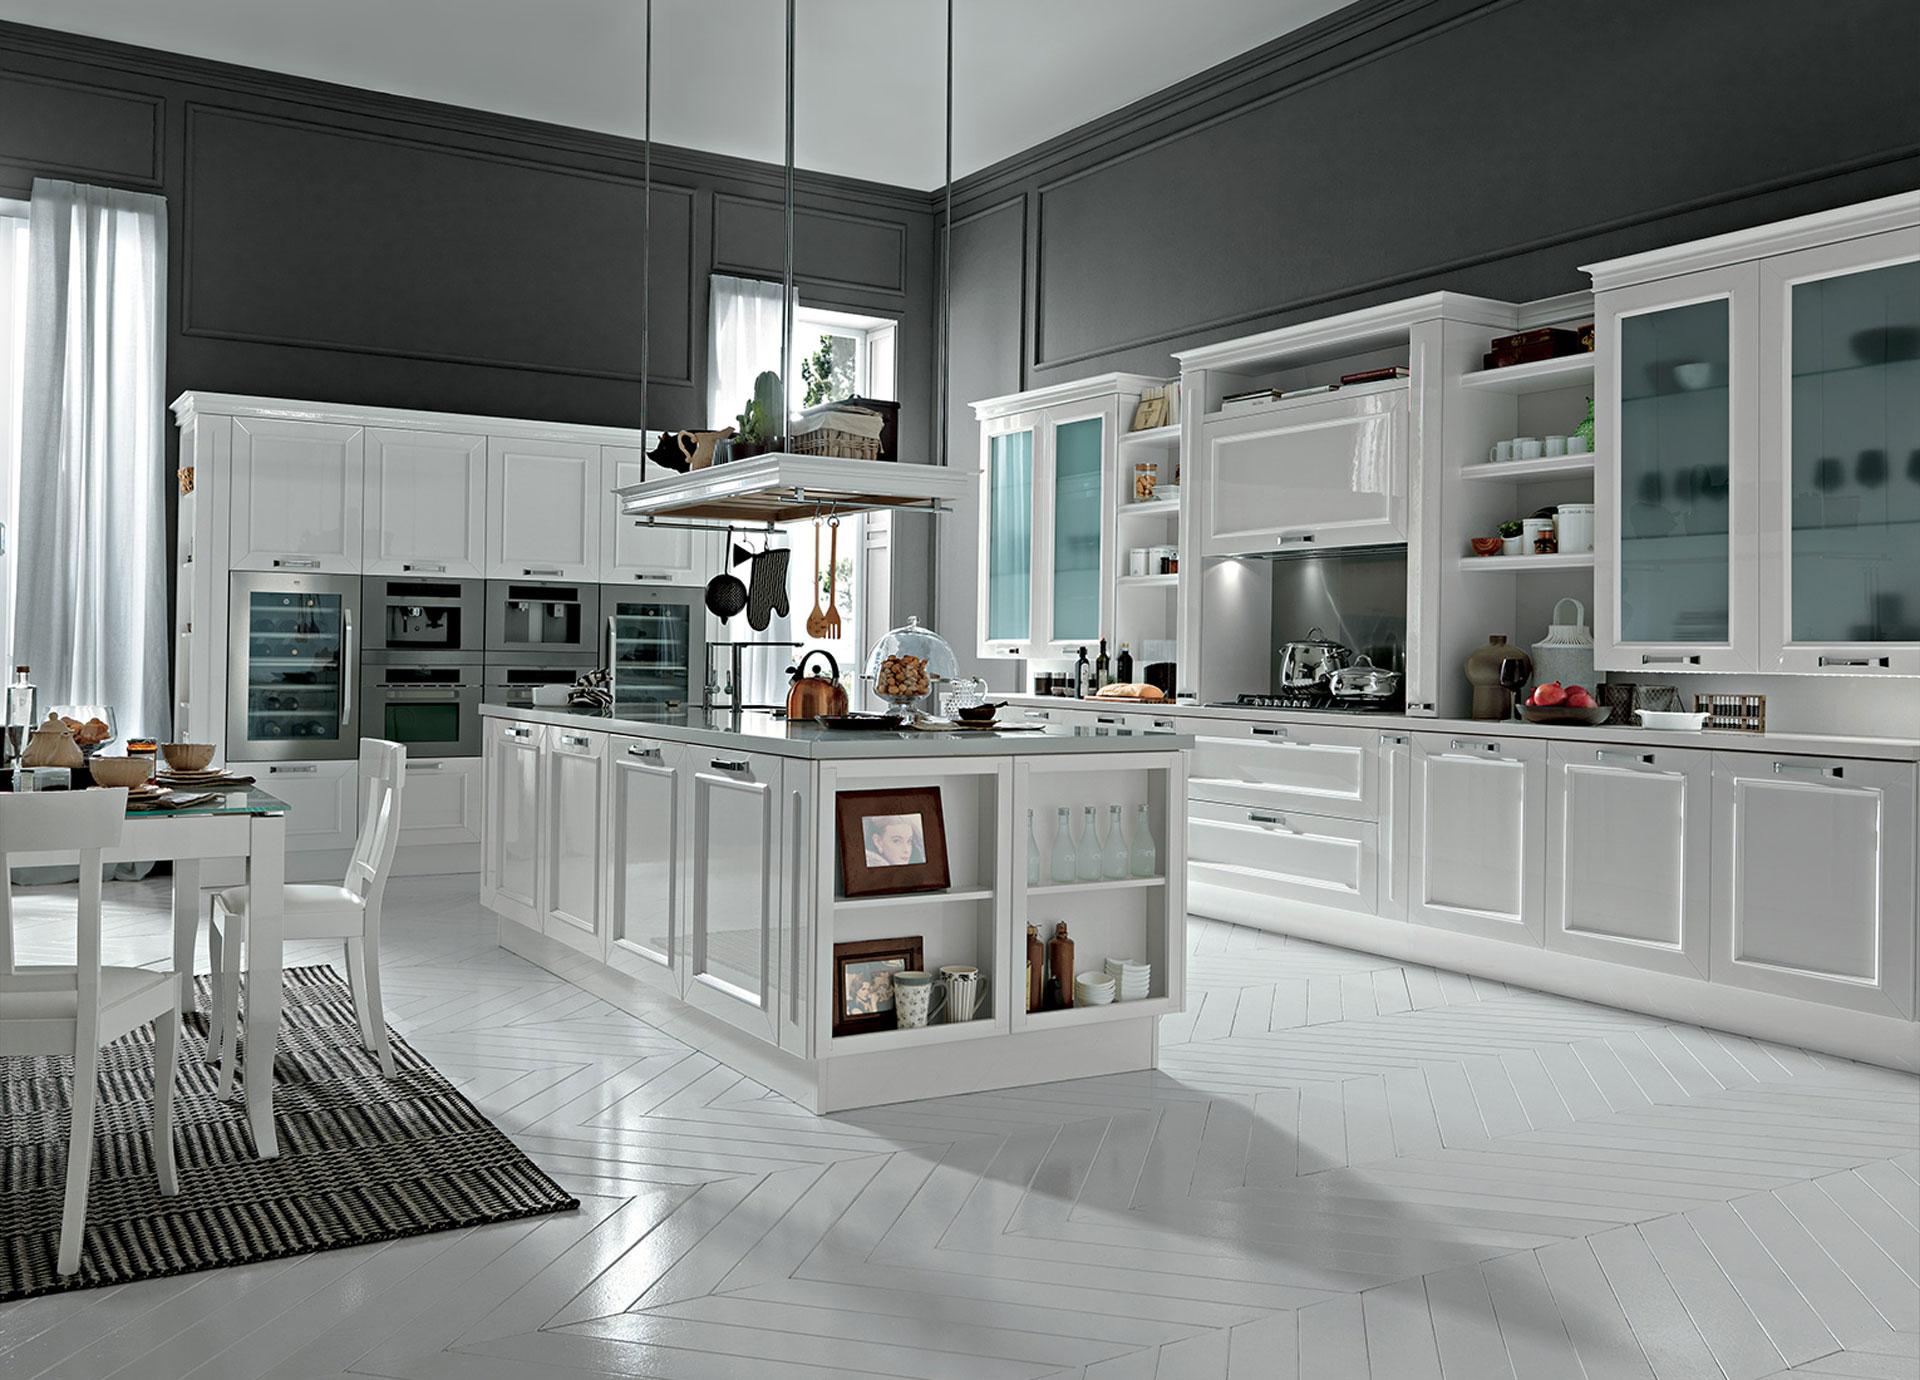 Arredamento Cucine Moderne - Colore Bianco e Grigio!